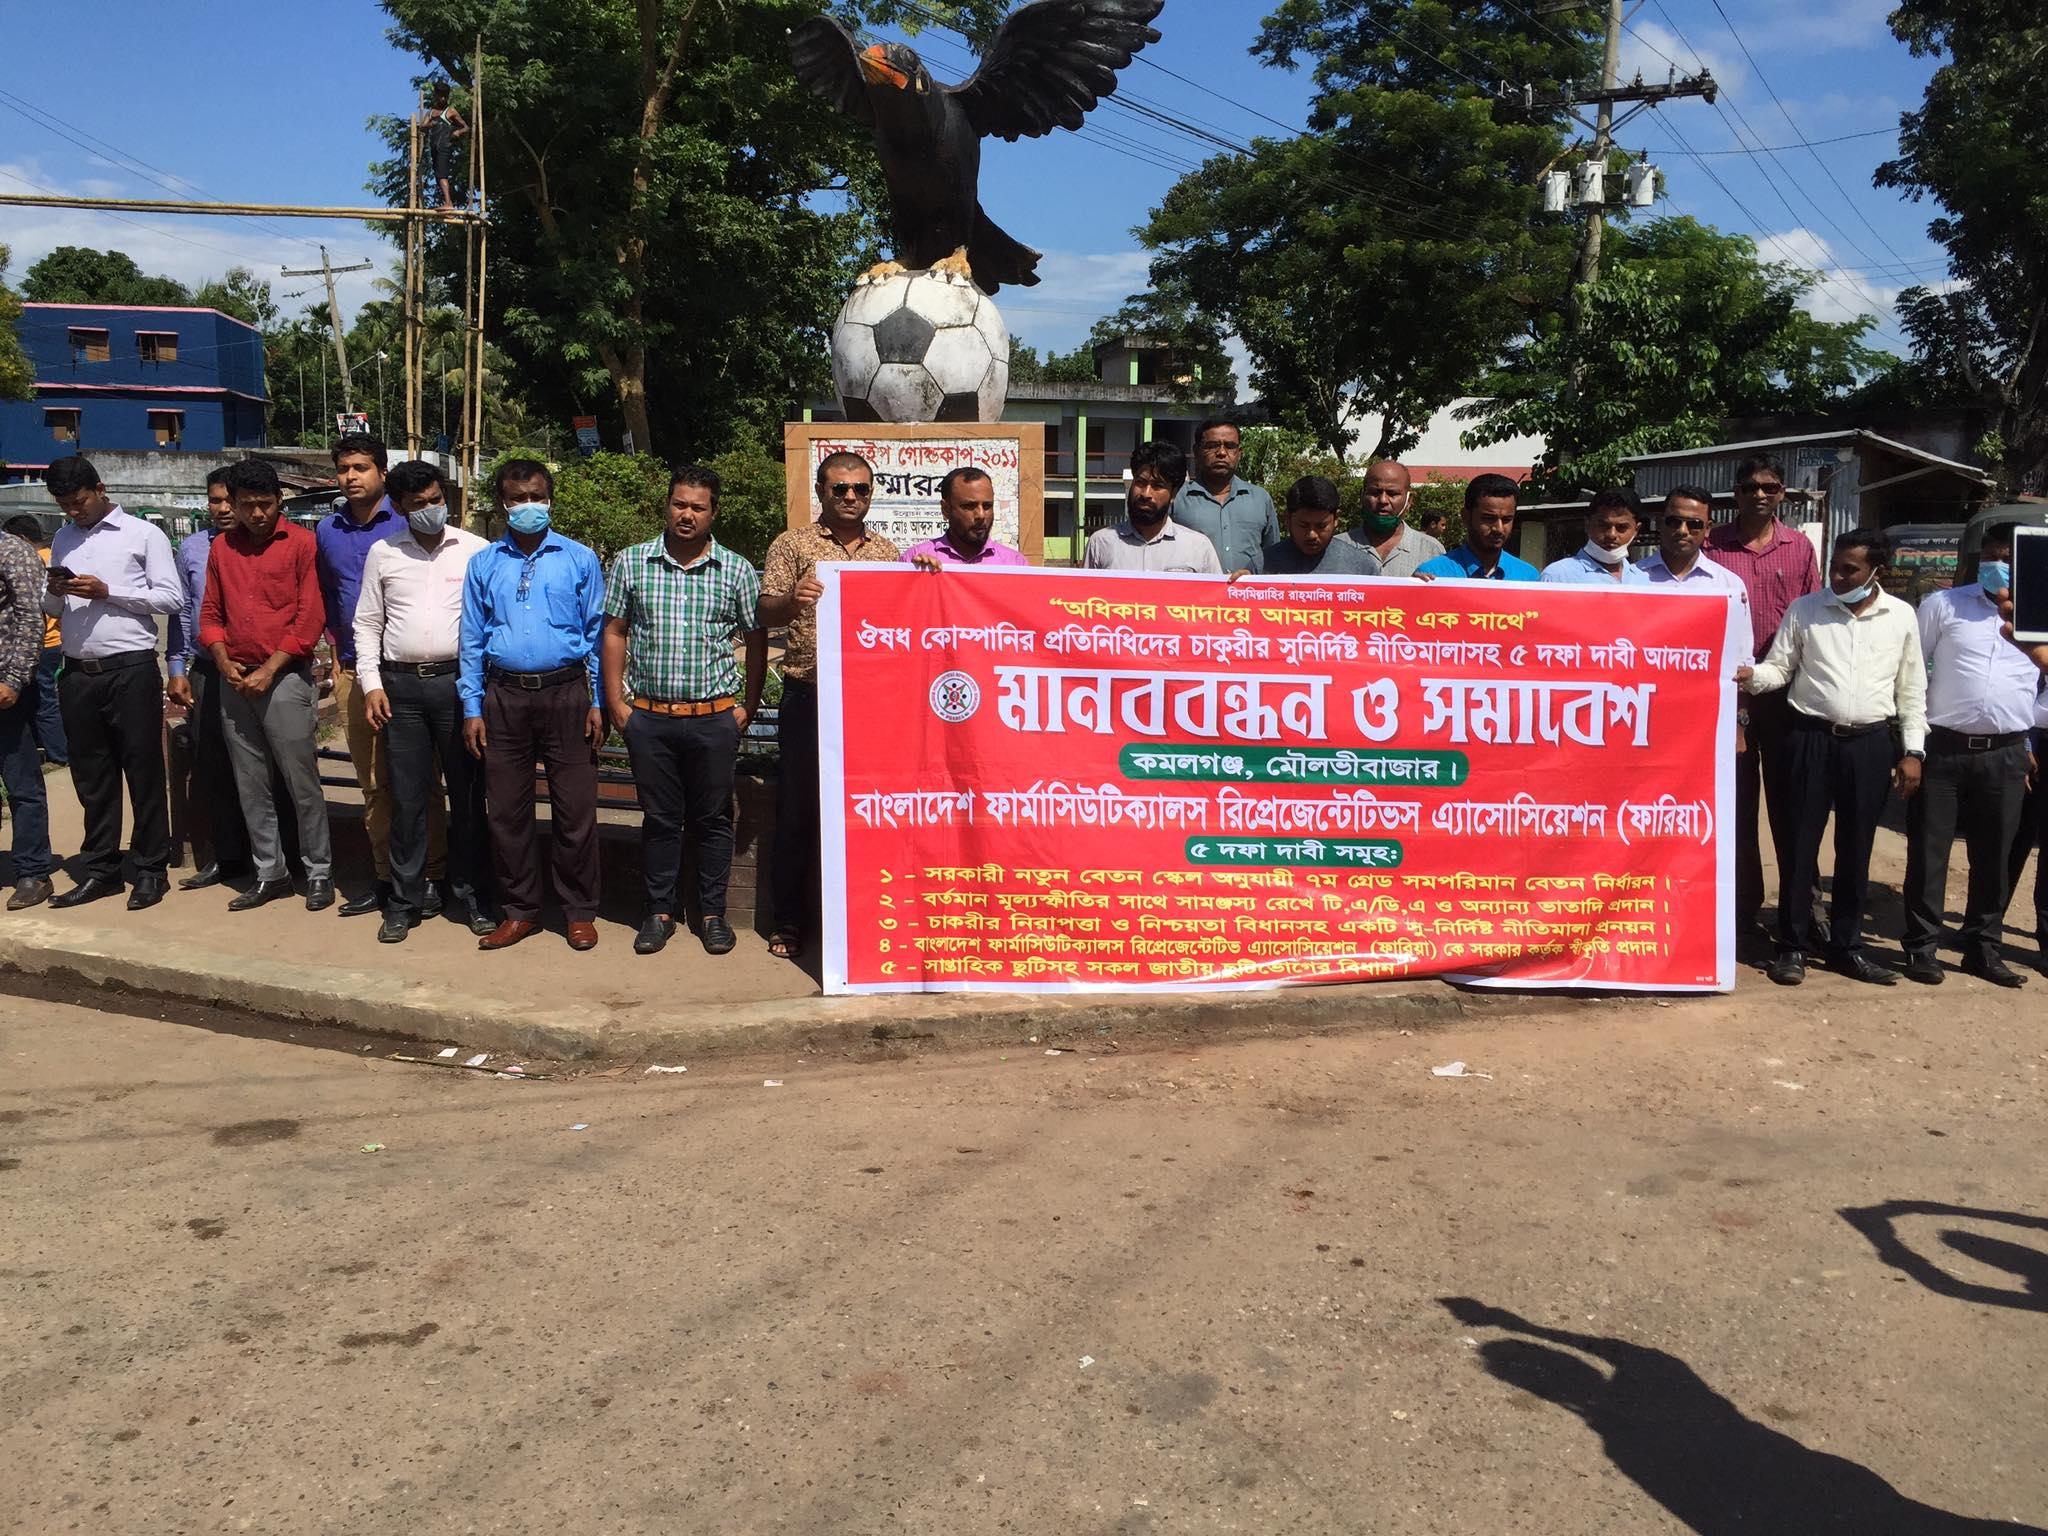 পাঁচ দফা দাবি আদায়ে কমলগঞ্জ ফারিয়ার মানববন্ধন